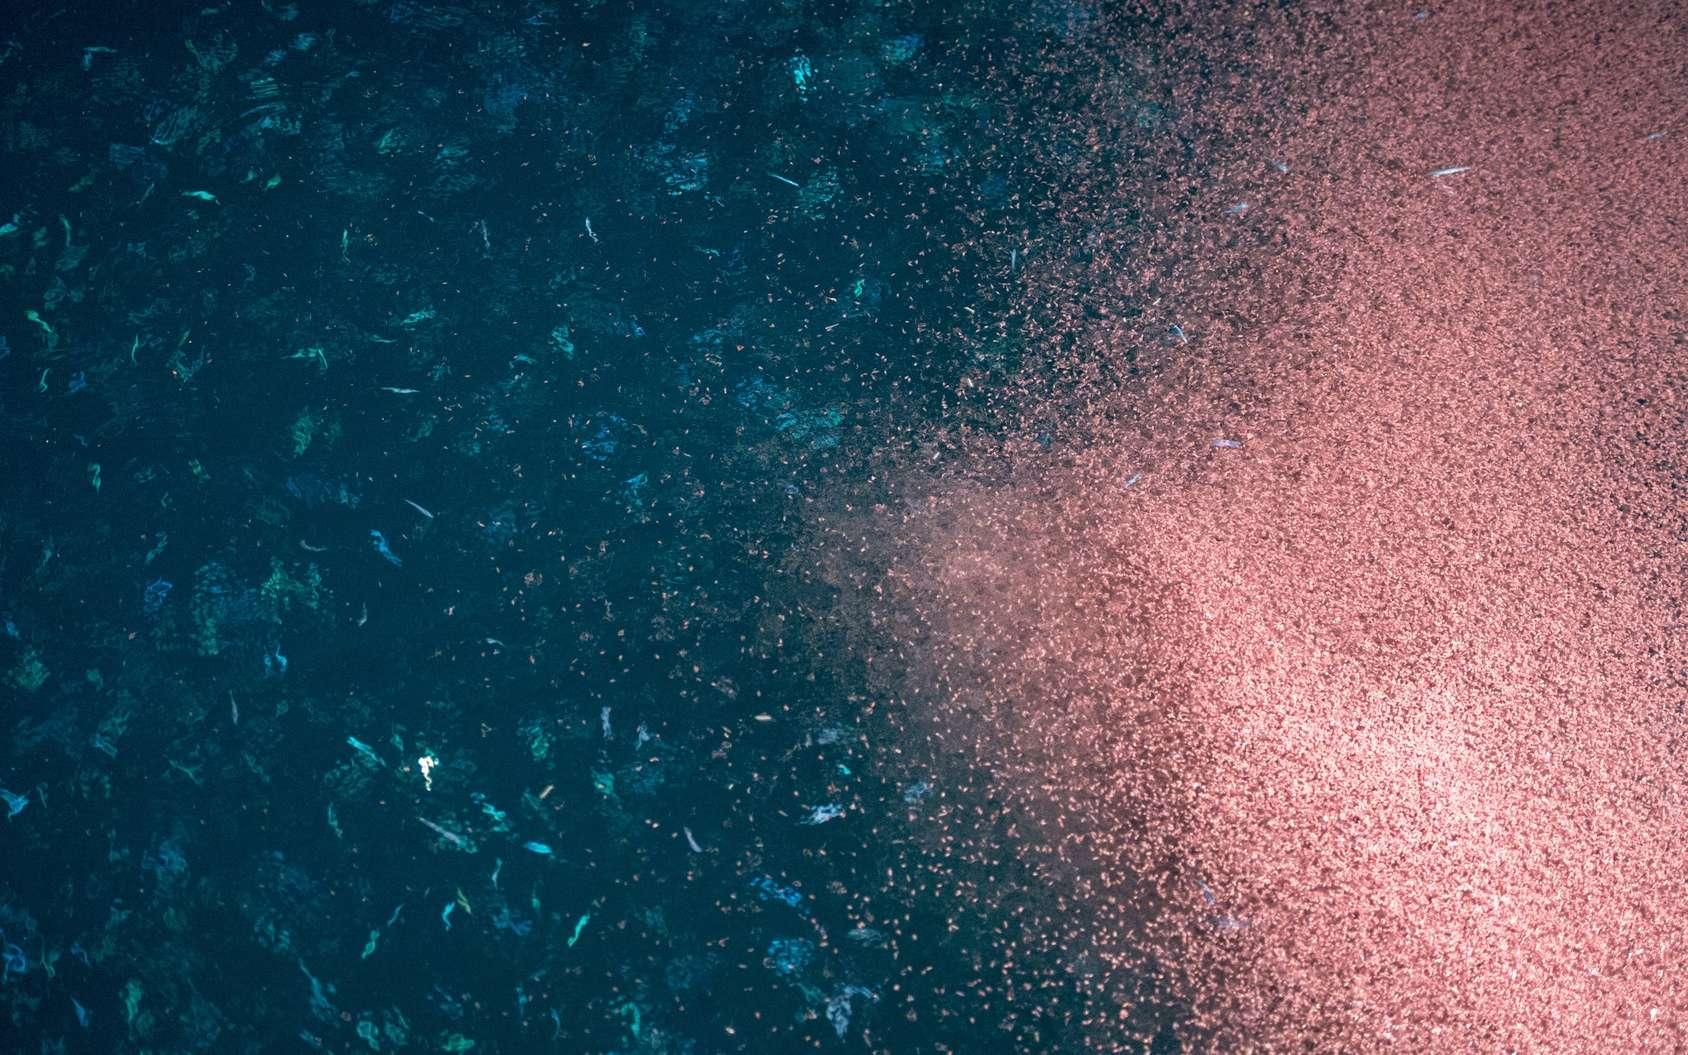 Le déplacement de millions d'invertébrés du zooplancton crée des turbulences qui provoquent des mouvements non négligeables. © Andrea Izzotti, Fotolia